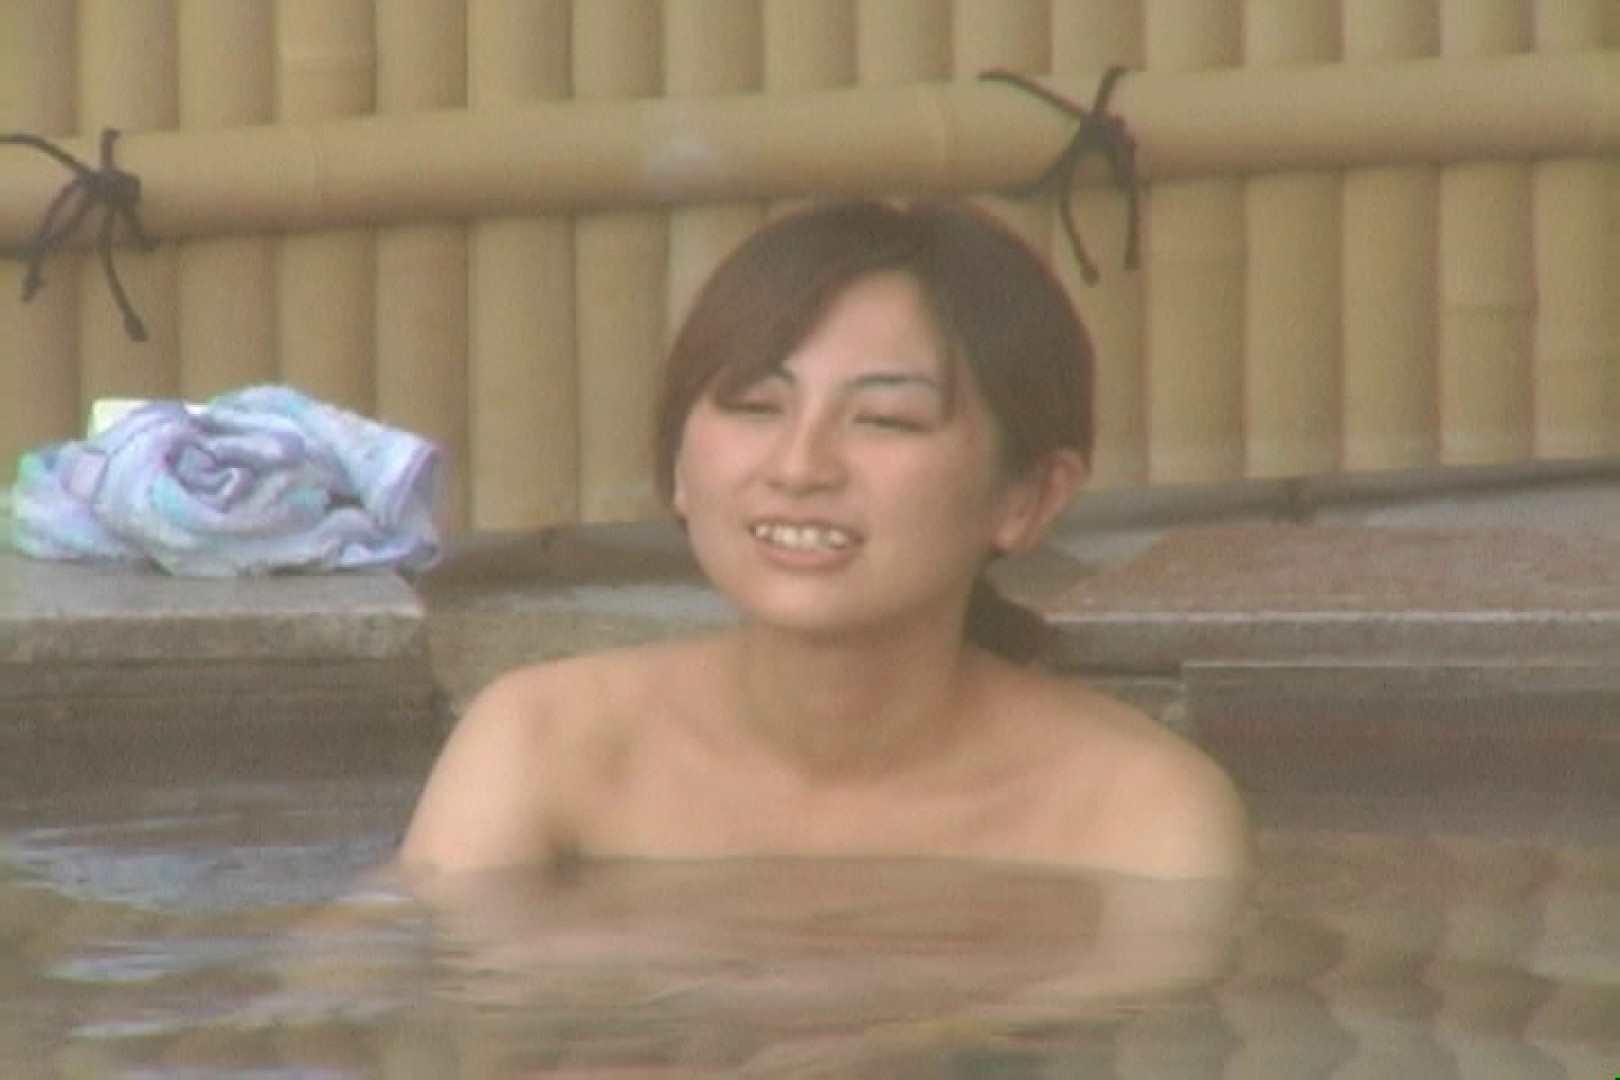 Aquaな露天風呂Vol.26【VIP】 盗撮師作品 スケベ動画紹介 73pic 44